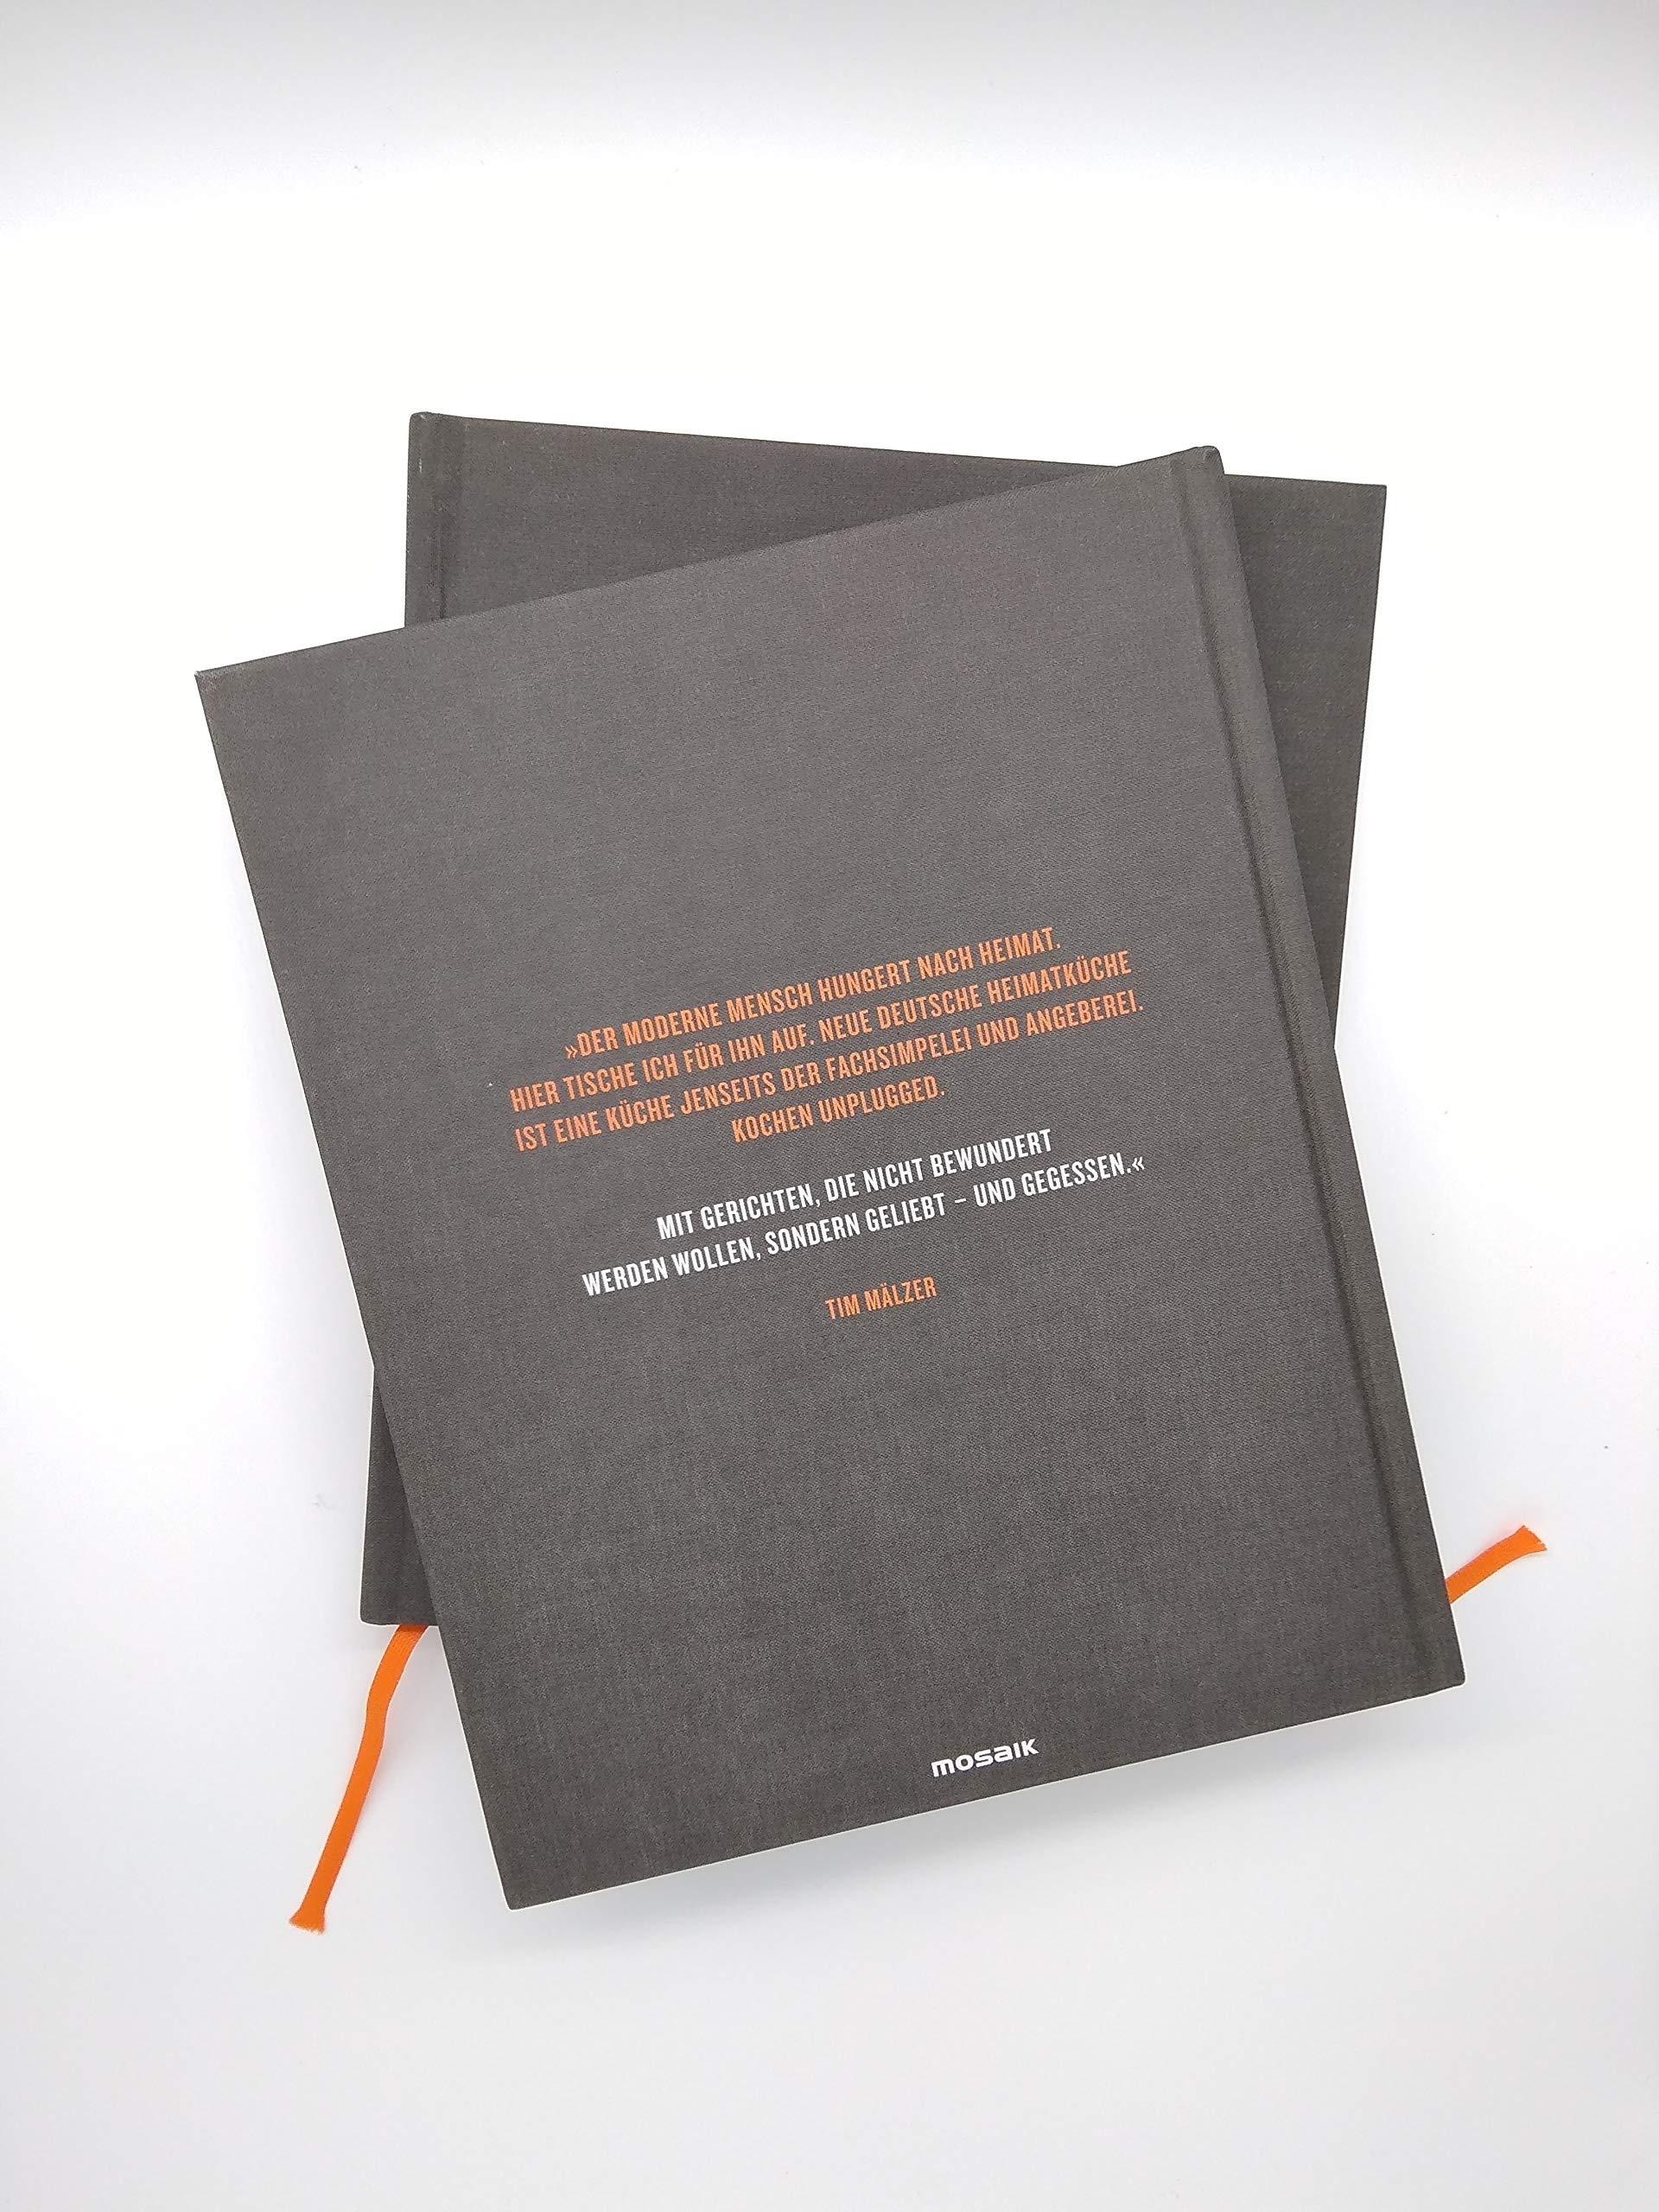 Neue Heimat Kochbuch Mit Uber 100 Rezepten In Hochwertiger Ausstattung Mit Leineneinband Tiefpragung Und Lesebandchen Amazon De Malzer Tim Bucher